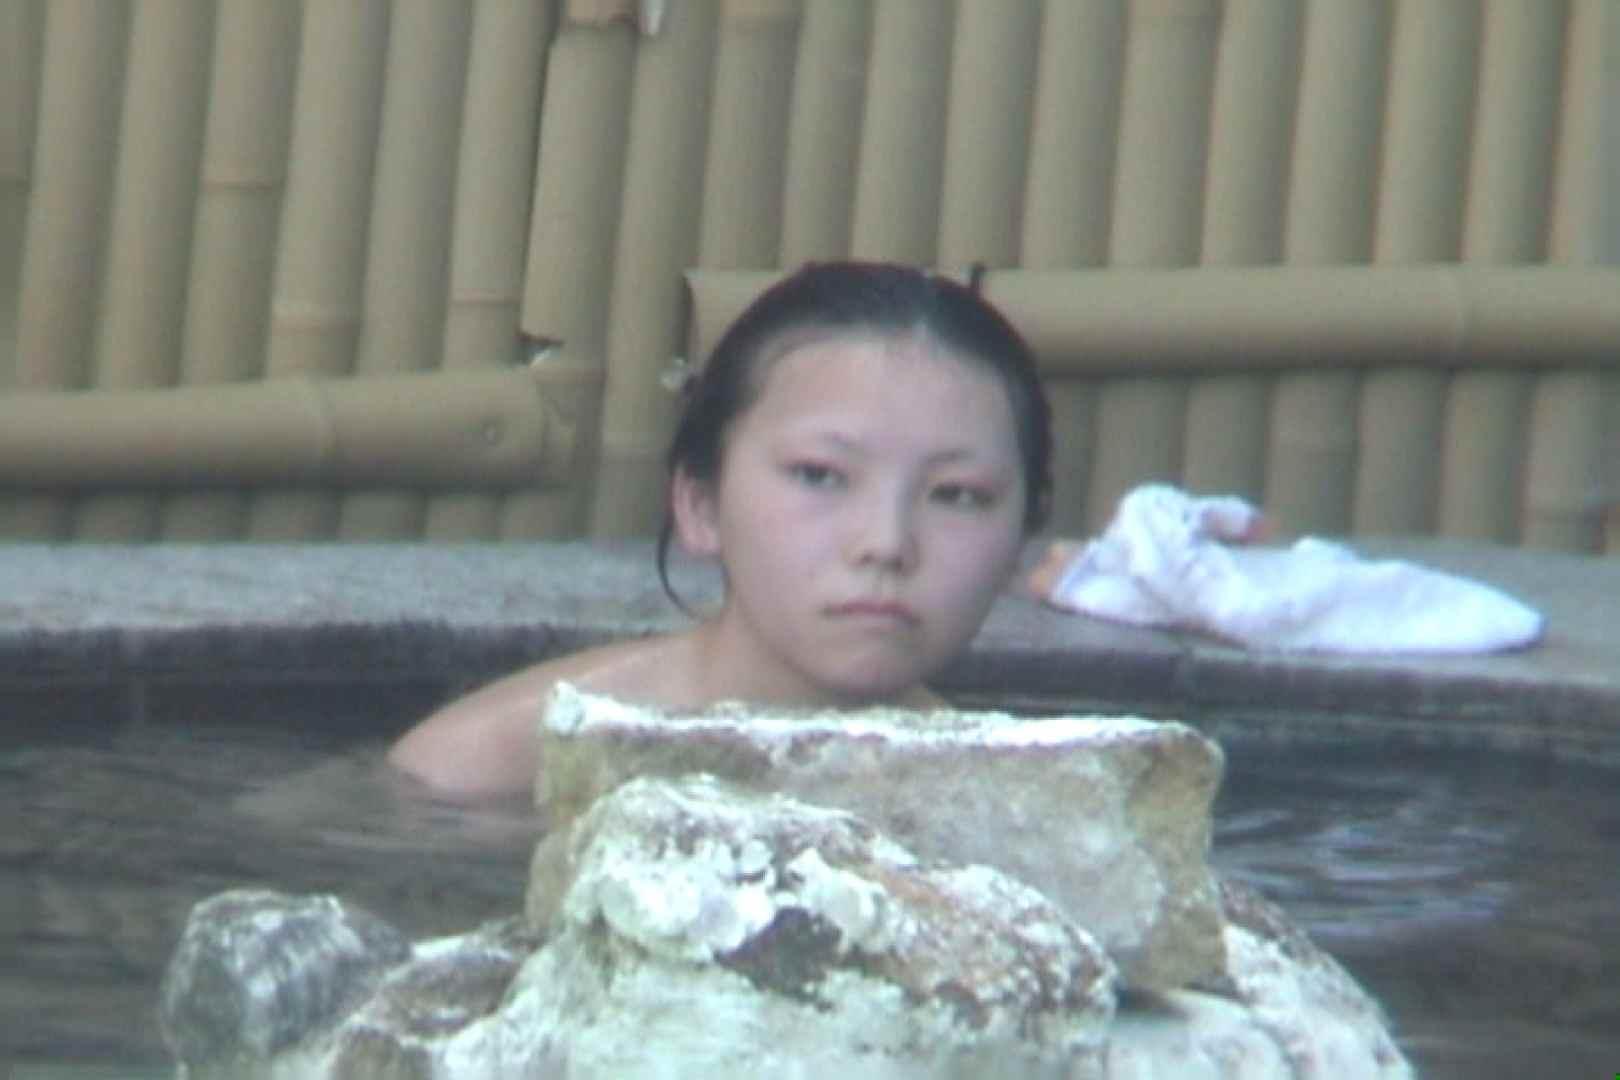 Aquaな露天風呂Vol.572 OLのエロ生活  52連発 6